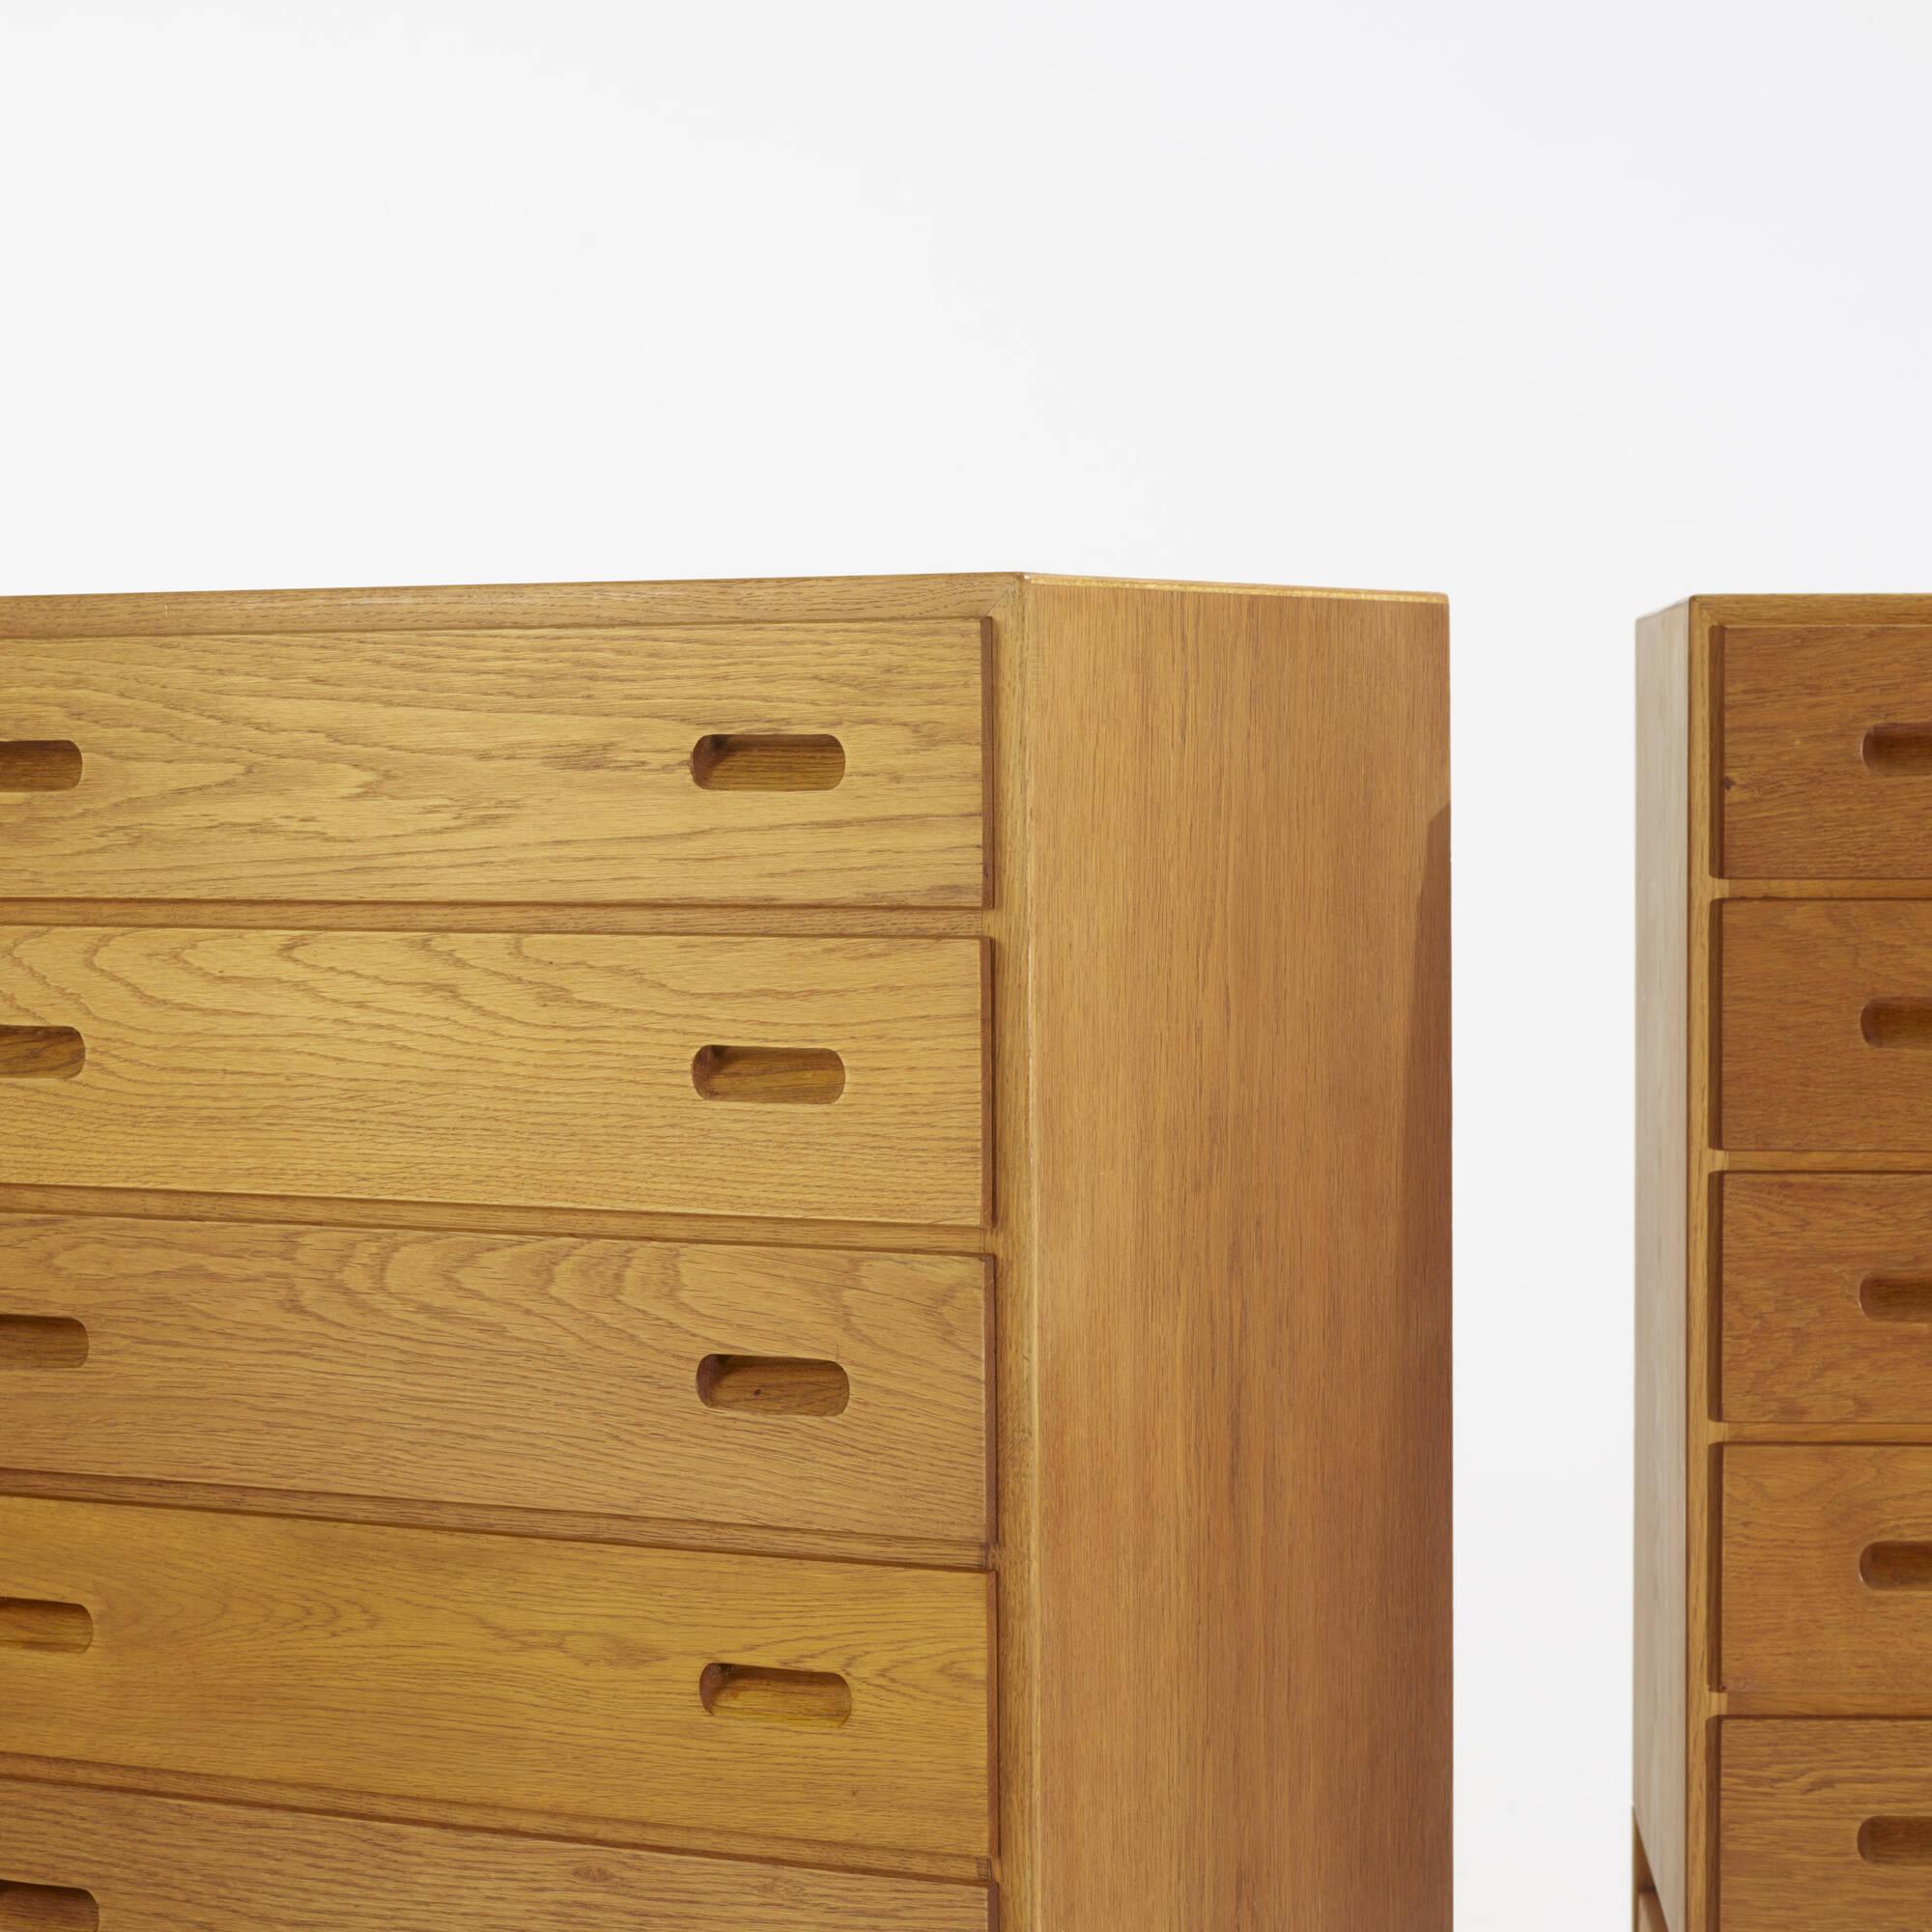 265: Børge Mogensen / cabinets, pair (3 of 3)